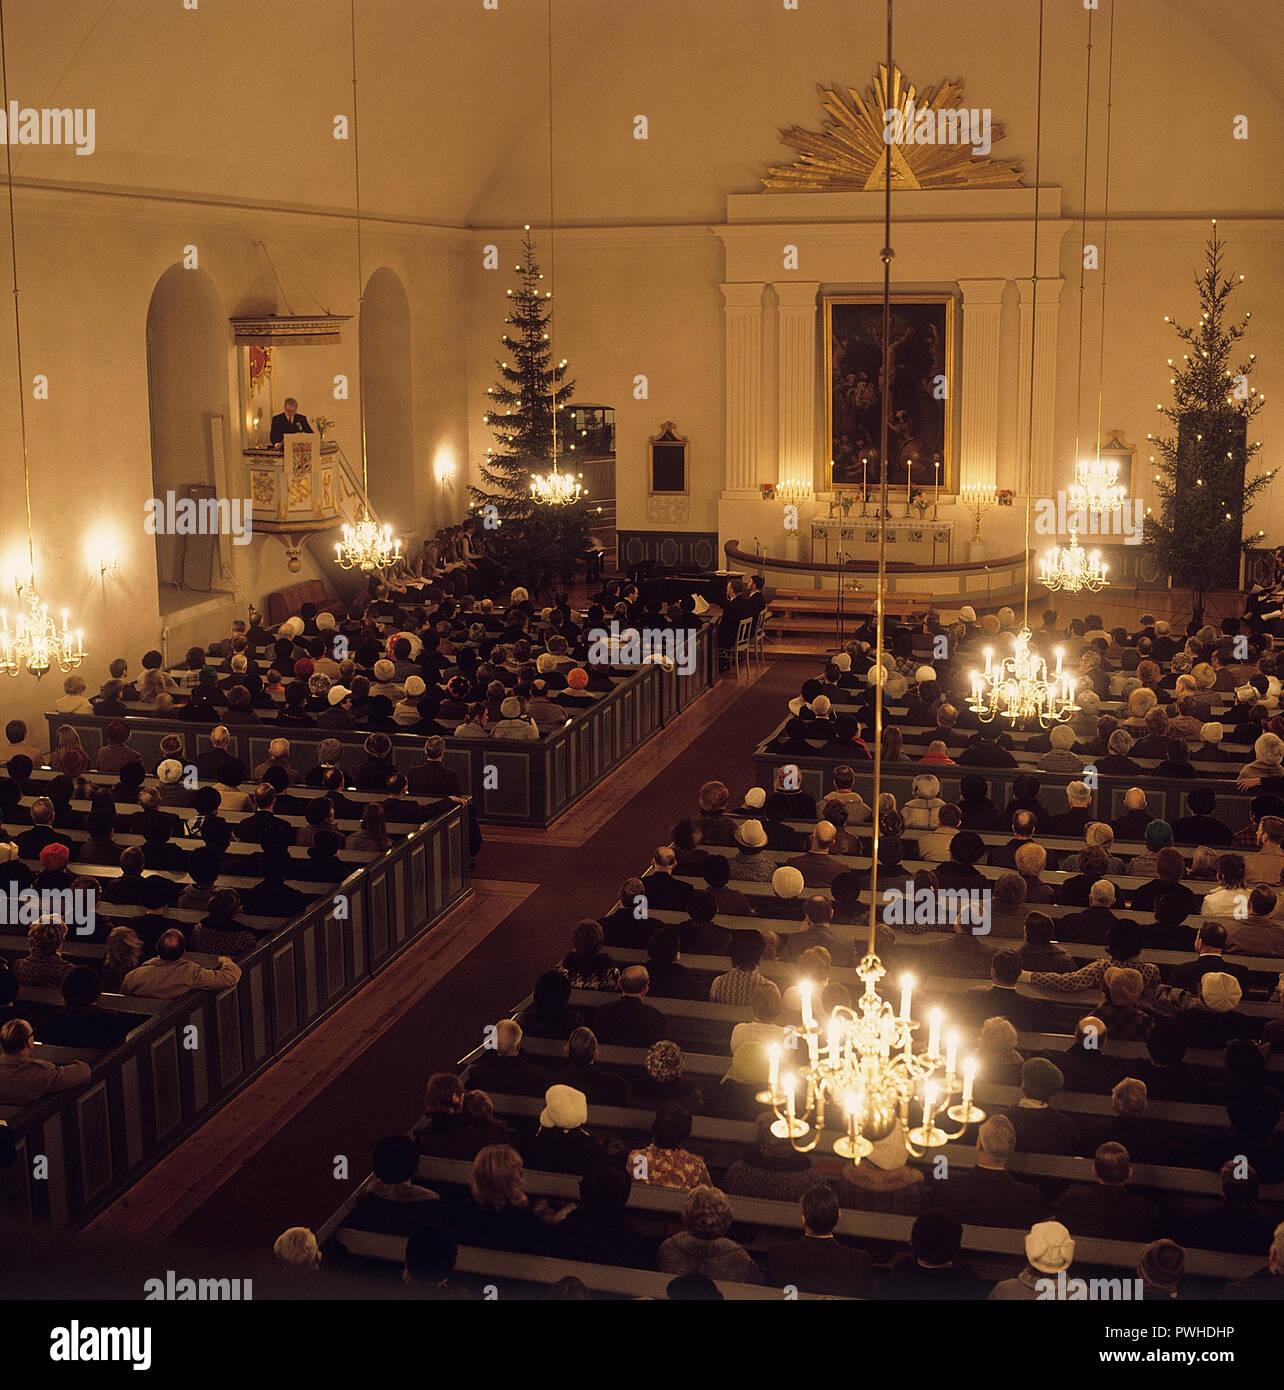 Servicio temprano en el día de Navidad. Interior de una iglesia donde las  personas están b73ed54e6e1